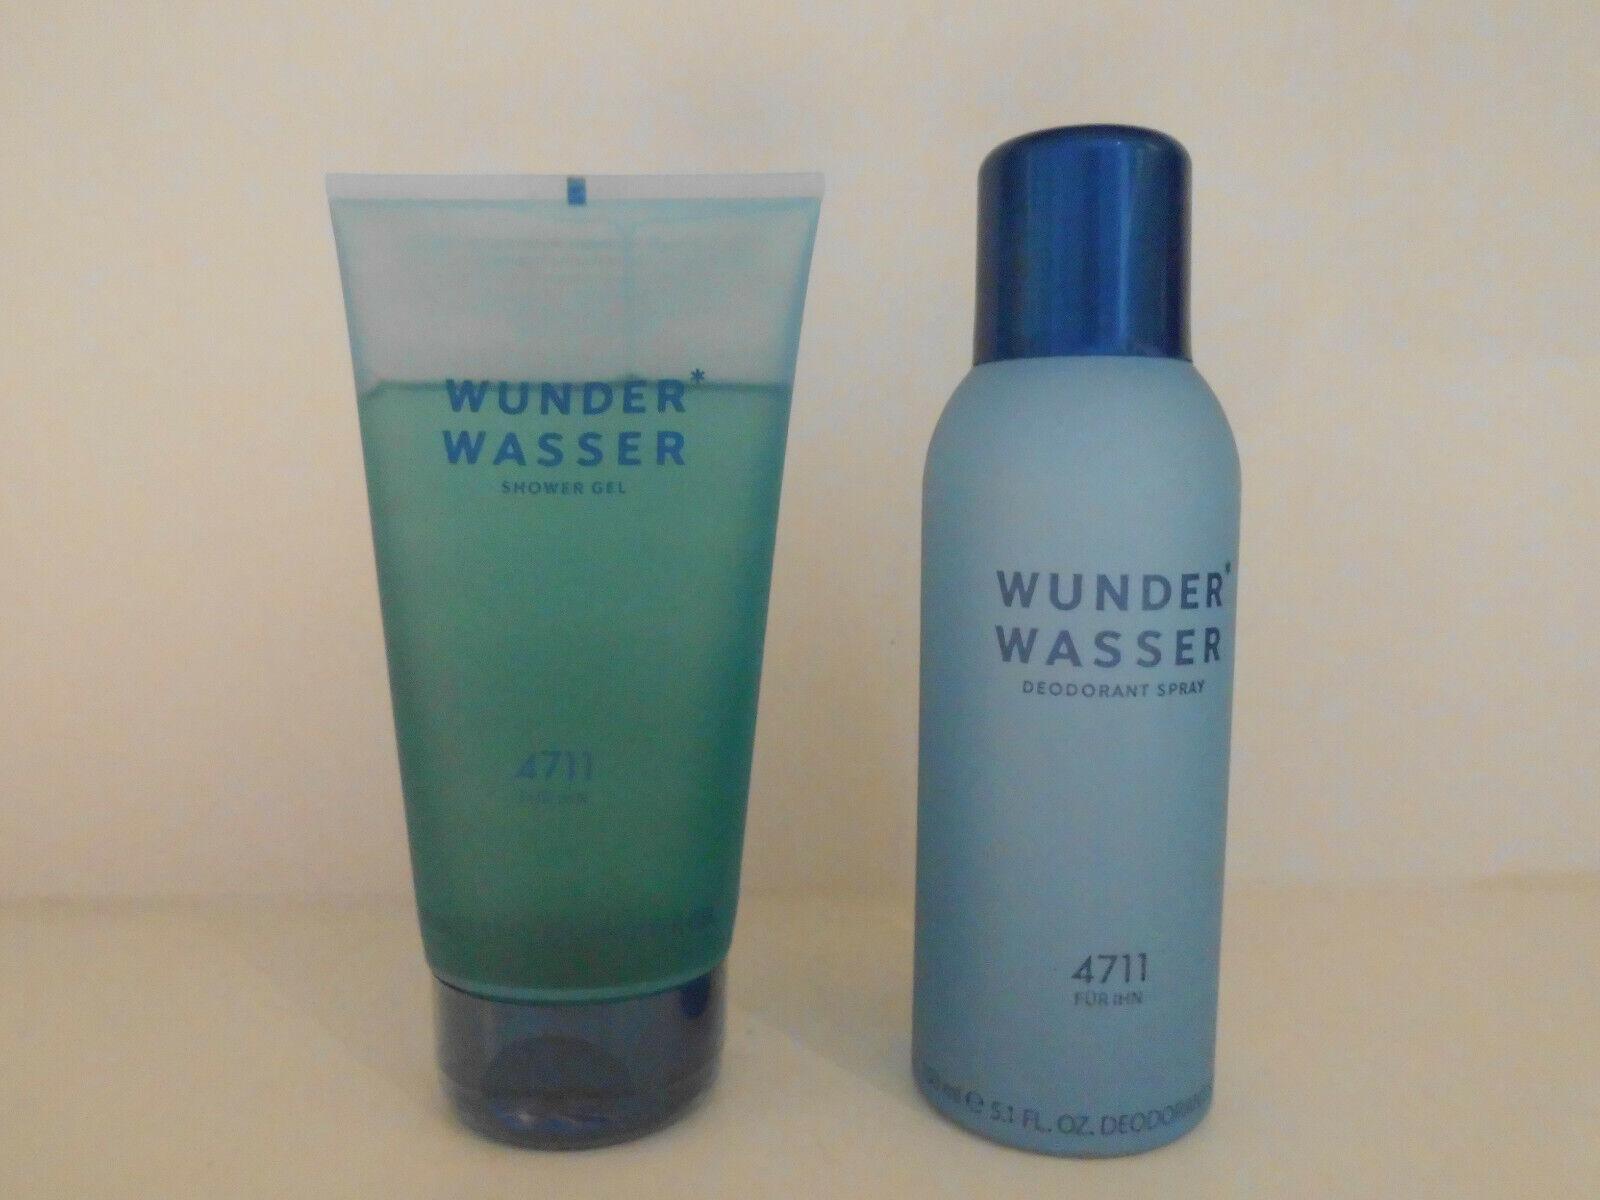 4711 Wunderwasser für Ihn 2 tlg. Set Shower Gel 150 ml + Deo Spray 150 ml